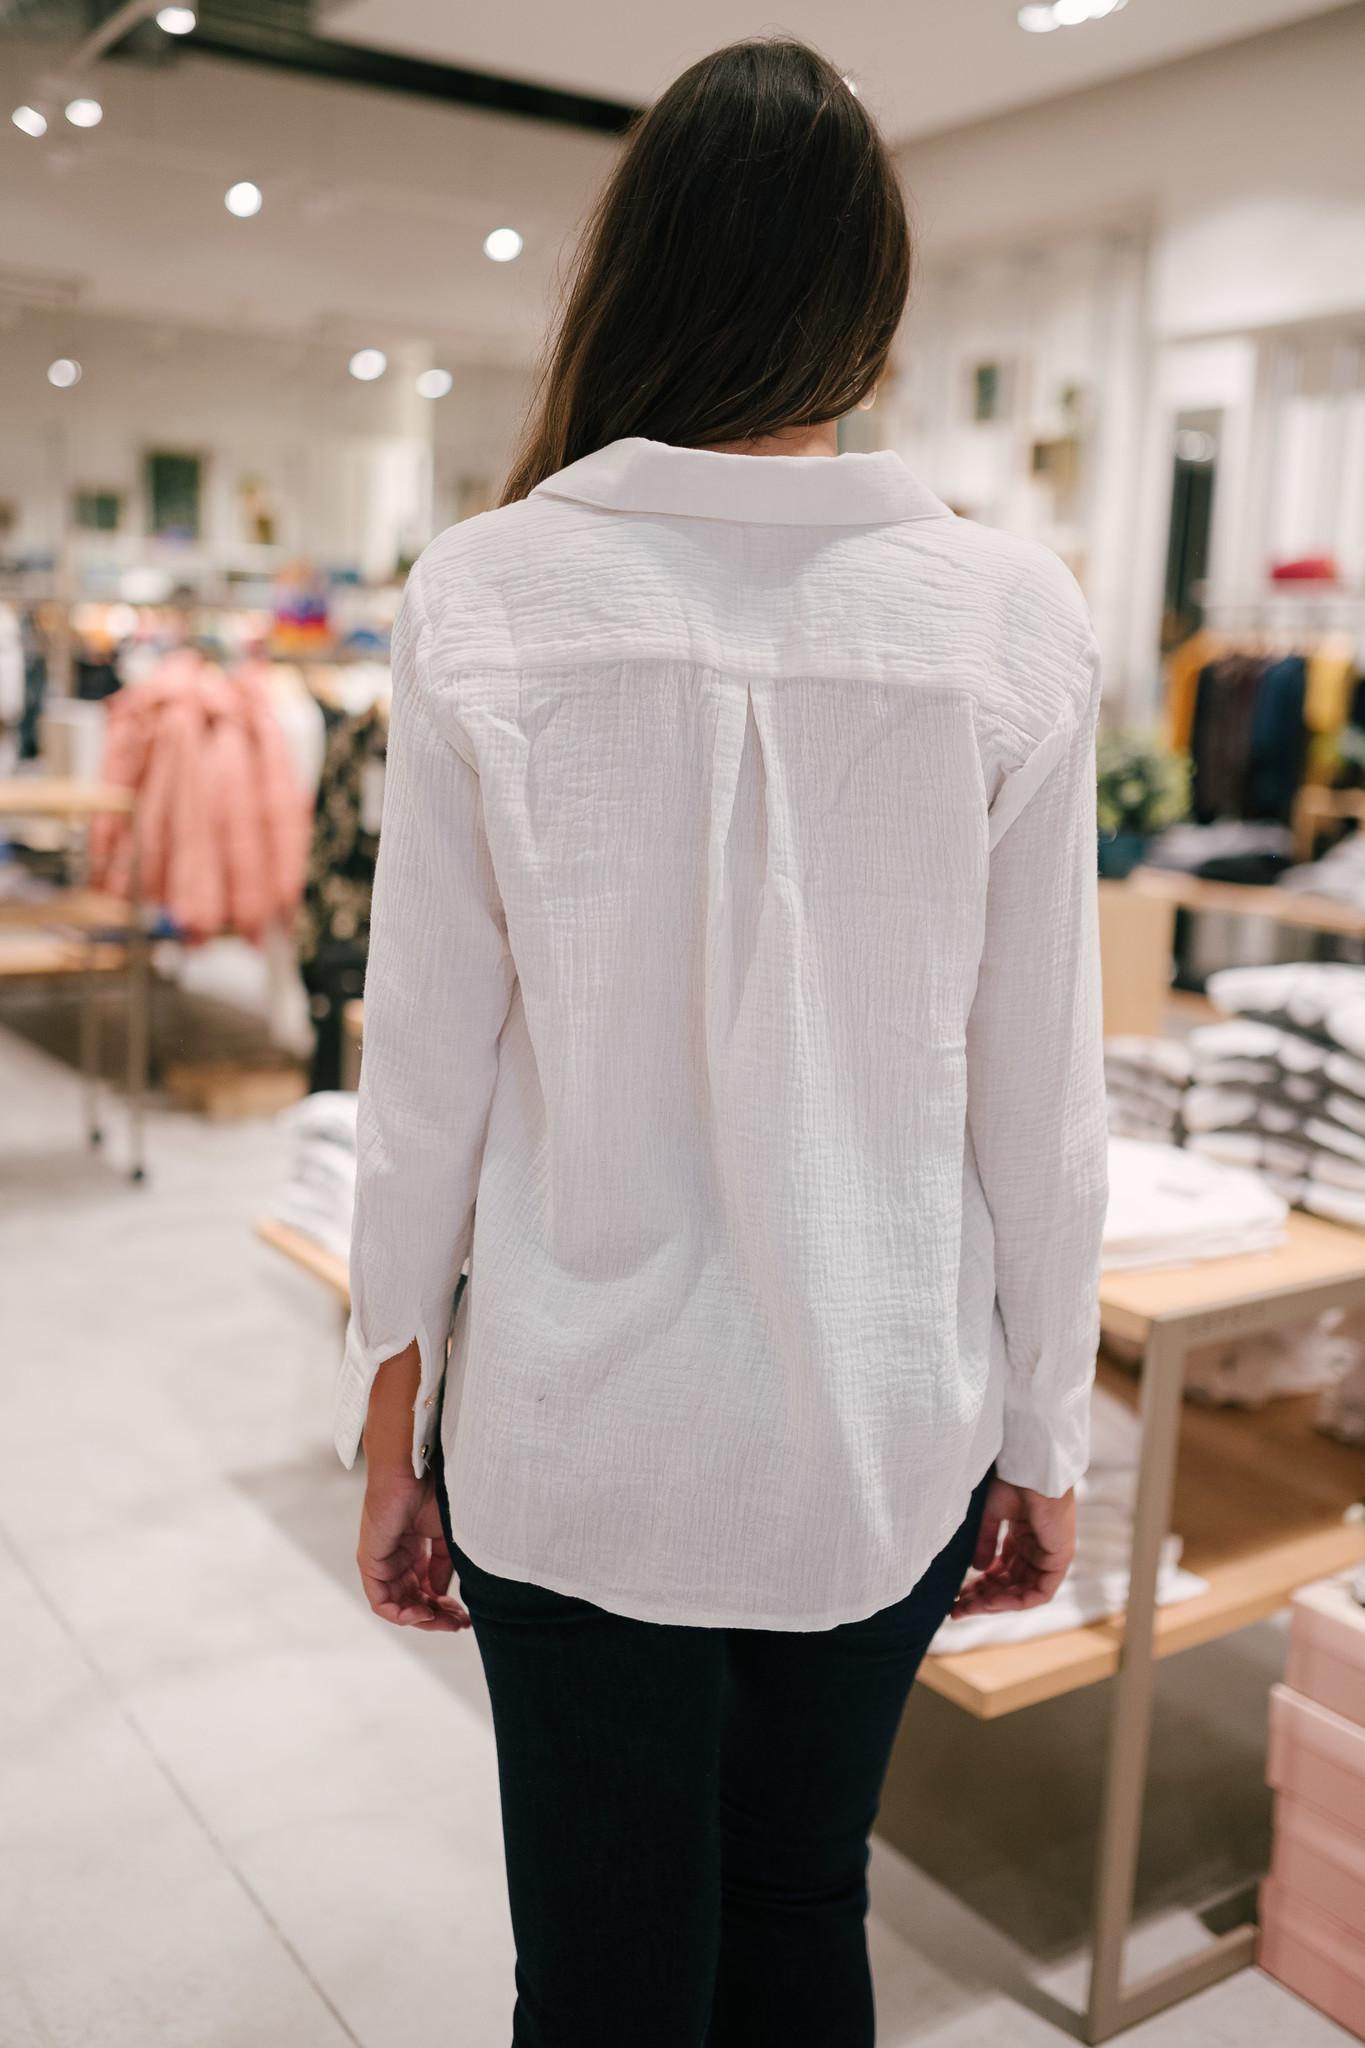 DAVY chemise-3